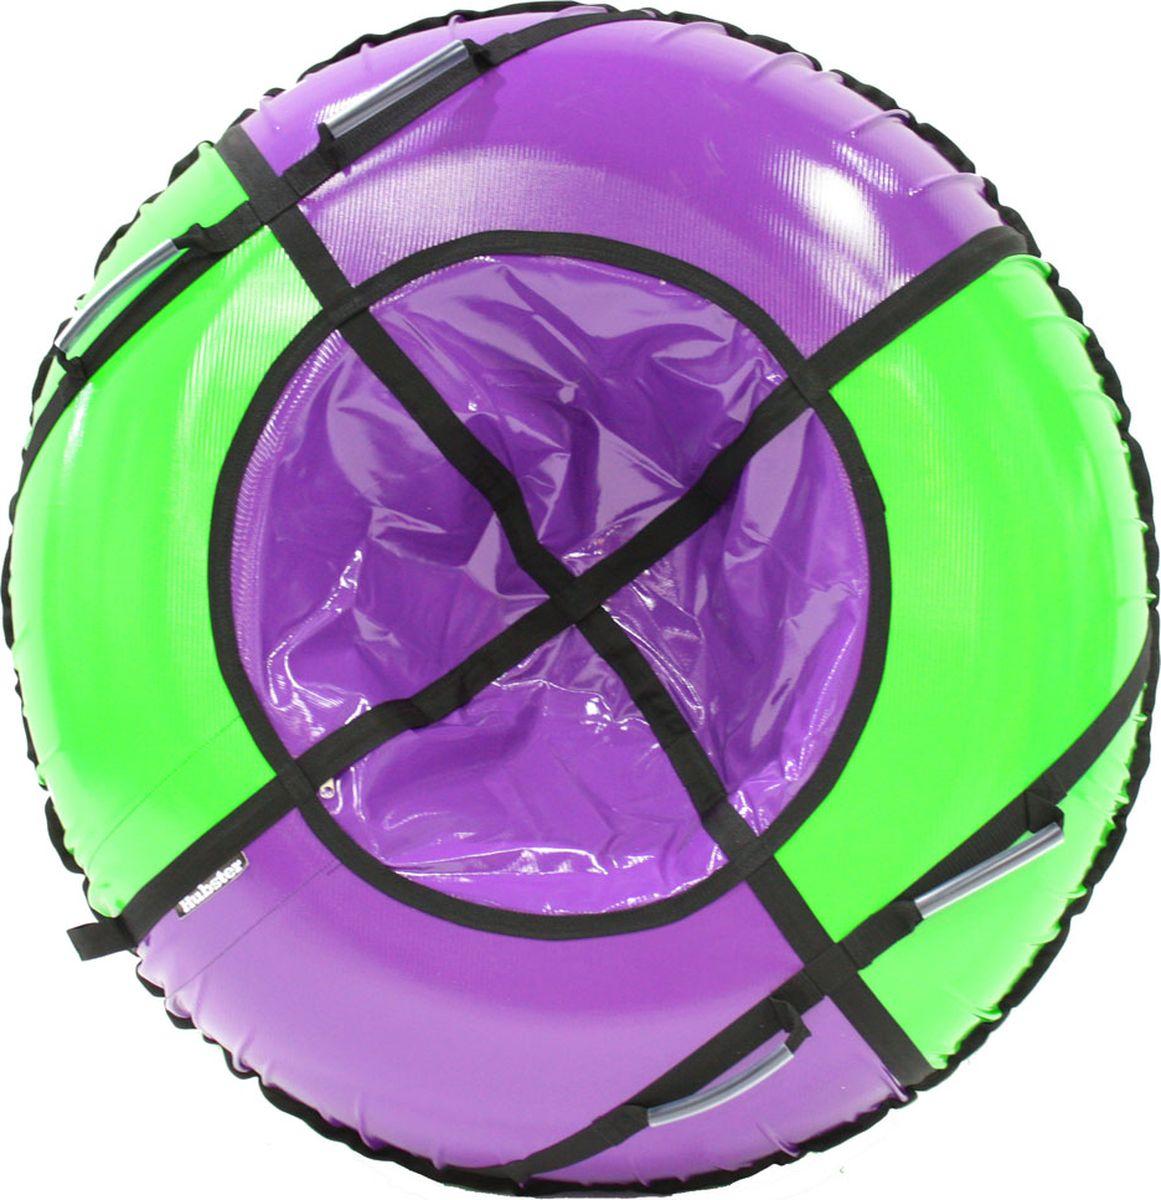 Тюбинг Hubster Sport Plus, цвет: фиолетовый, зеленый, диаметр 105 смво4189-1Любимая детская зимняя забава - это кататься с горки. А катание на тюбинге надолго запомнится вам и вашим близким. Свежий воздух, веселая компания, веселые развлечения - эти моменты вы будете вспоминать еще долгое время.Материал верха - ПВХ армированный, плотность 650 гр./м .Материал дна - ПВХ (усиленная скользкая ткань), плотность 650 гр./м.Диаметр в сдутом виде - 105 см.Диаметр в надутом виде - 94 см.Ручки усиленные (нашиты на дополнительную стропу)Кол-во ручек - 4 шт. Молния скрытая, на сиденье.Крепление троса - наружная петля.Длина троса - 1 метр.Нагрузка -до 120 кг.Комплект поставки - ватрушка, трос, камера.Тюбинг не предназначен для буксировки механическими или транспортными средствами (подъемники, канатные дороги, лебедки, автомобиль, снегоход, квадроцикл и т.д.)Зимние игры на свежем воздухе. Статья OZON Гид